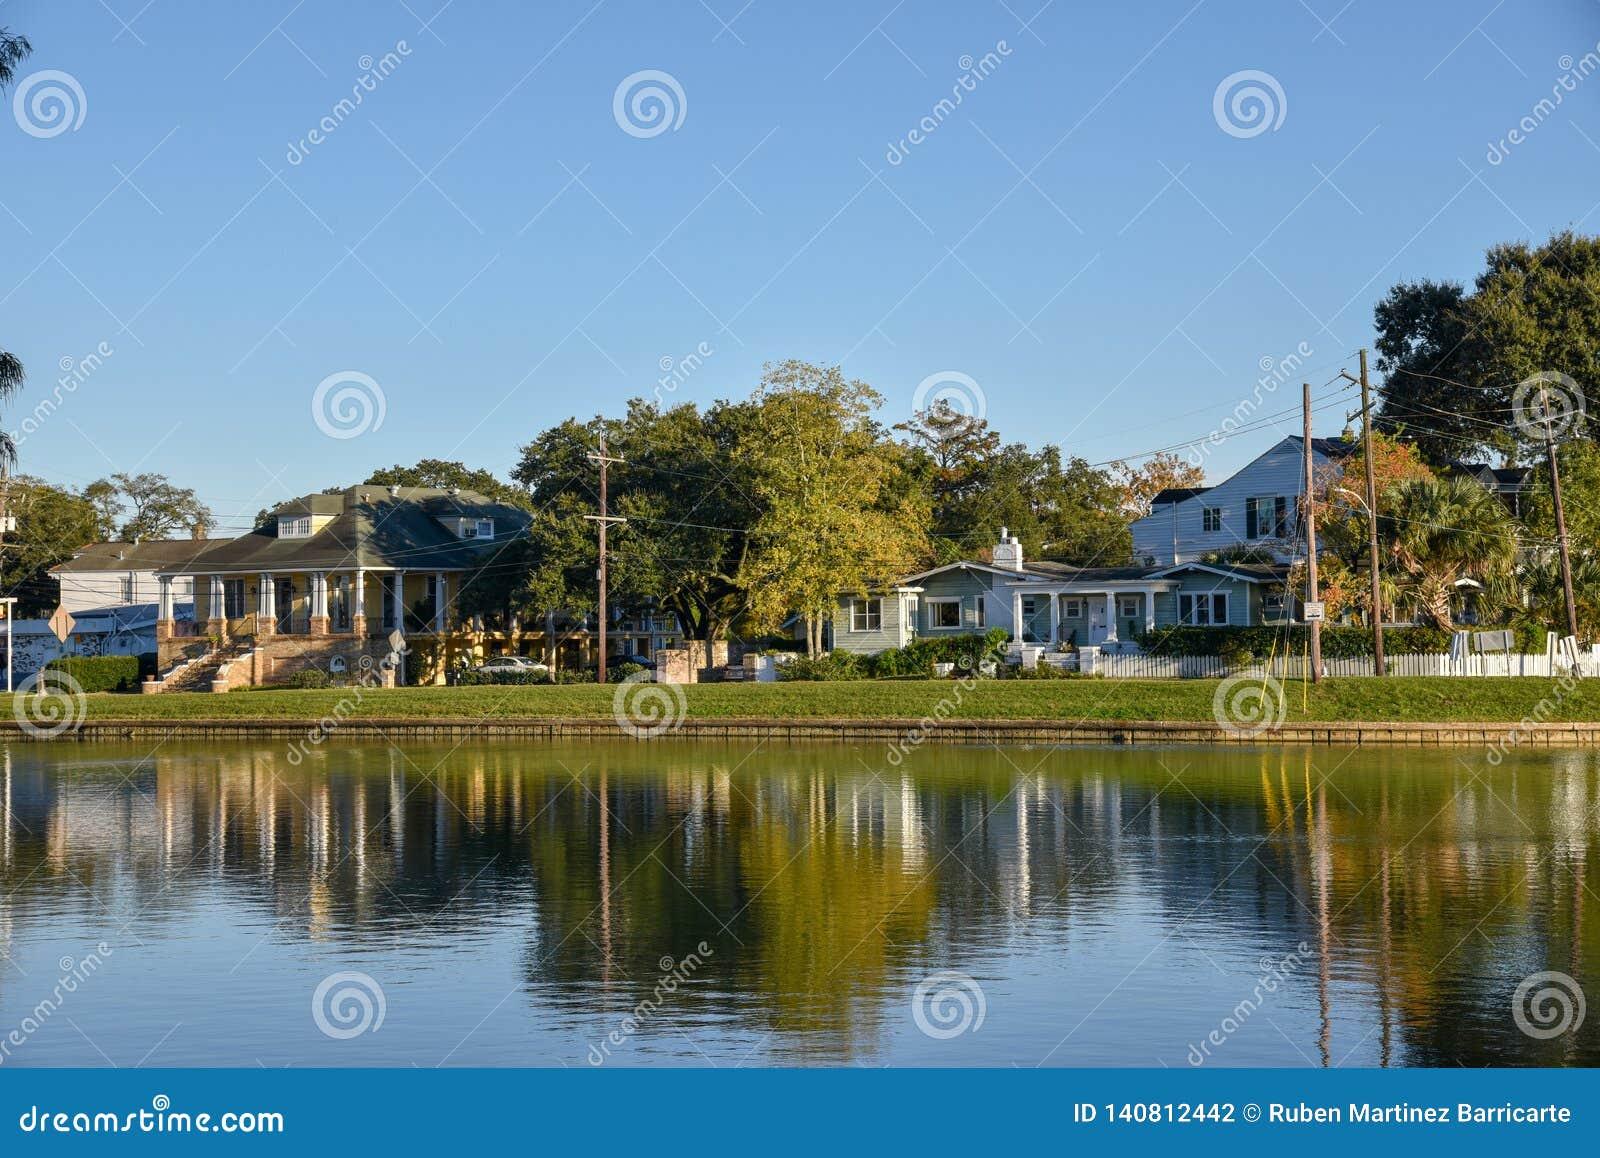 Typowi domy w zalewiska St John Nowy Orlean (usa